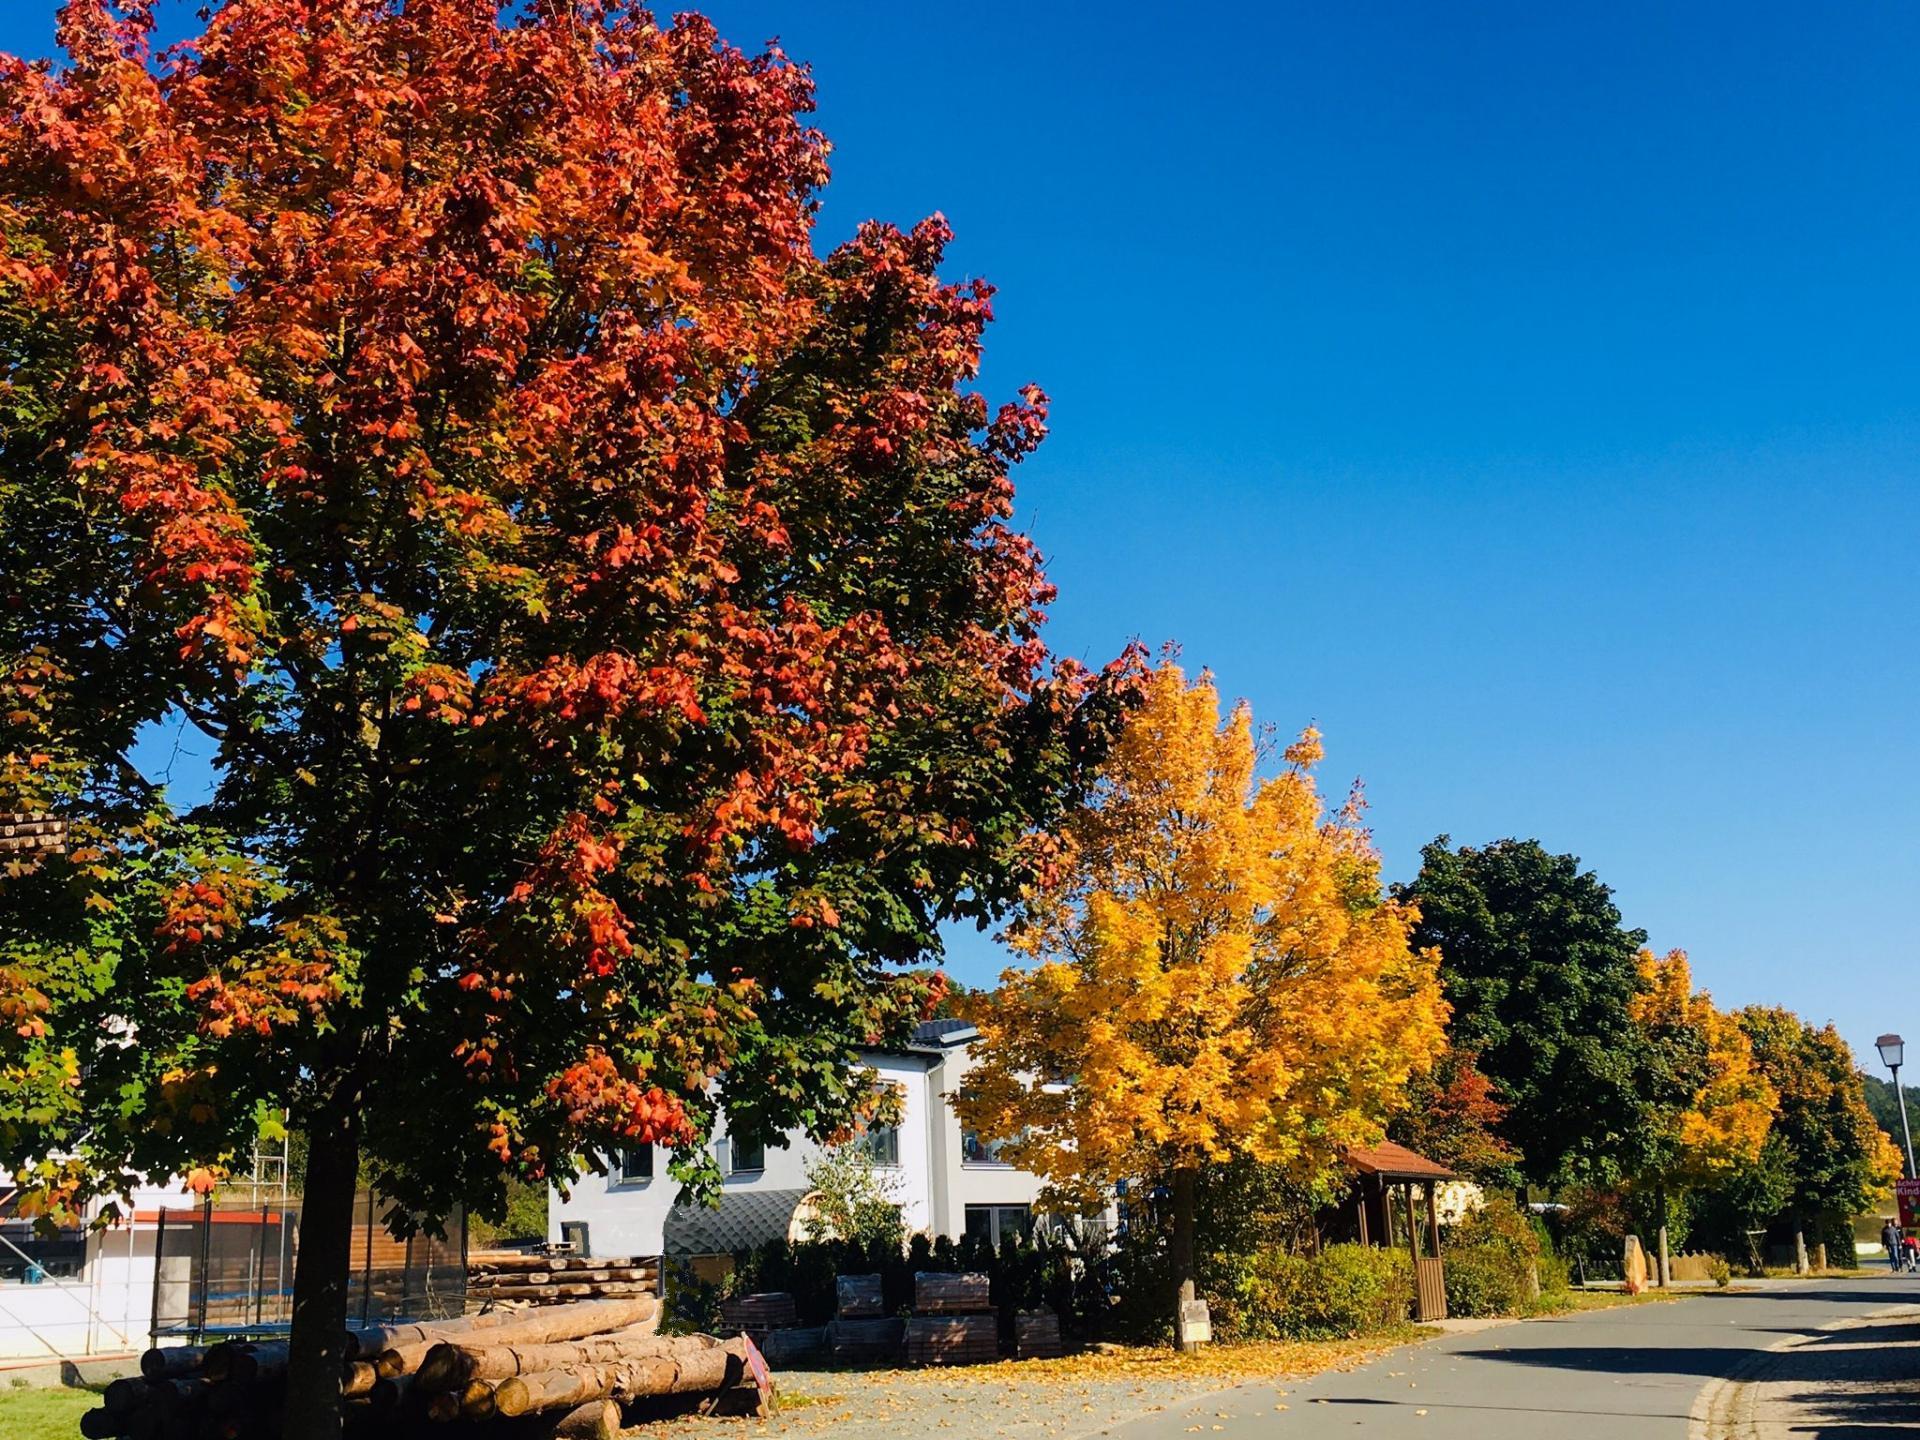 Herbstfärbung Mainkleiner Dorfstraße (Foto Sabrina Marr)